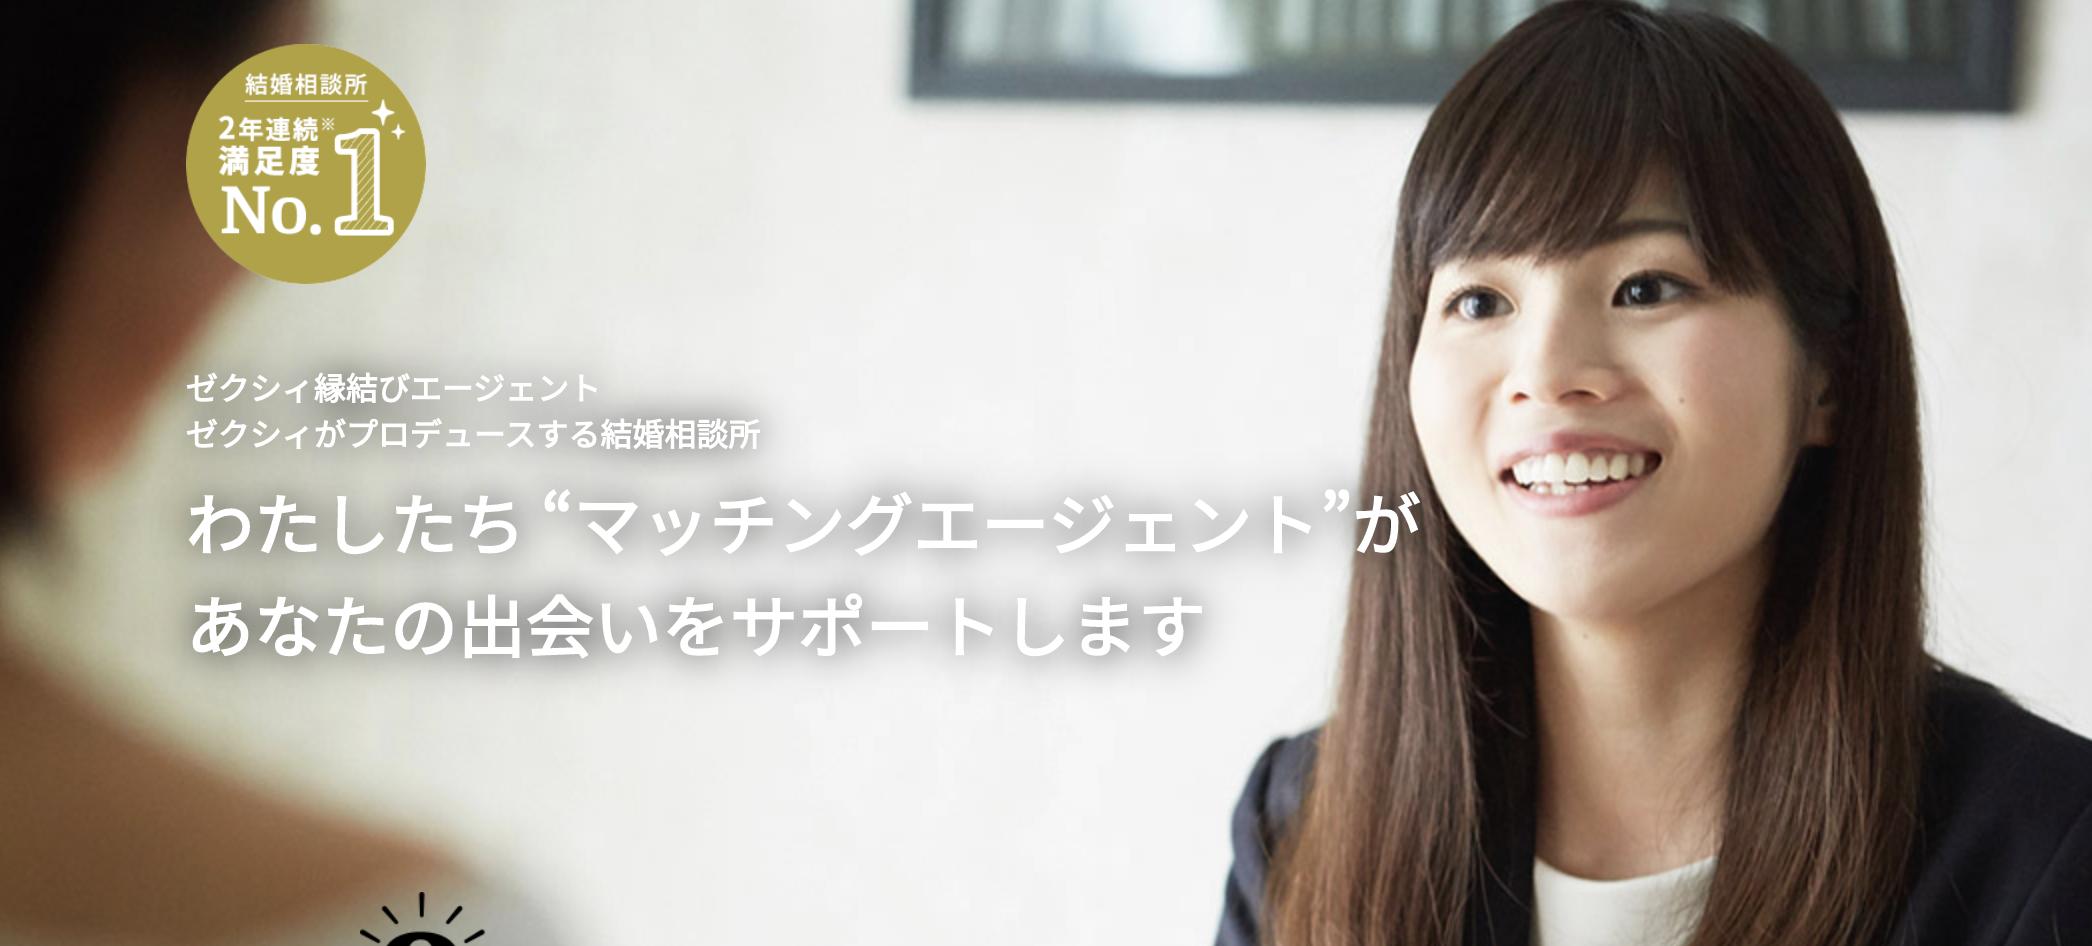 札幌のおすすめ結婚相談所ランキング:ゼクシィ縁結びエージェント